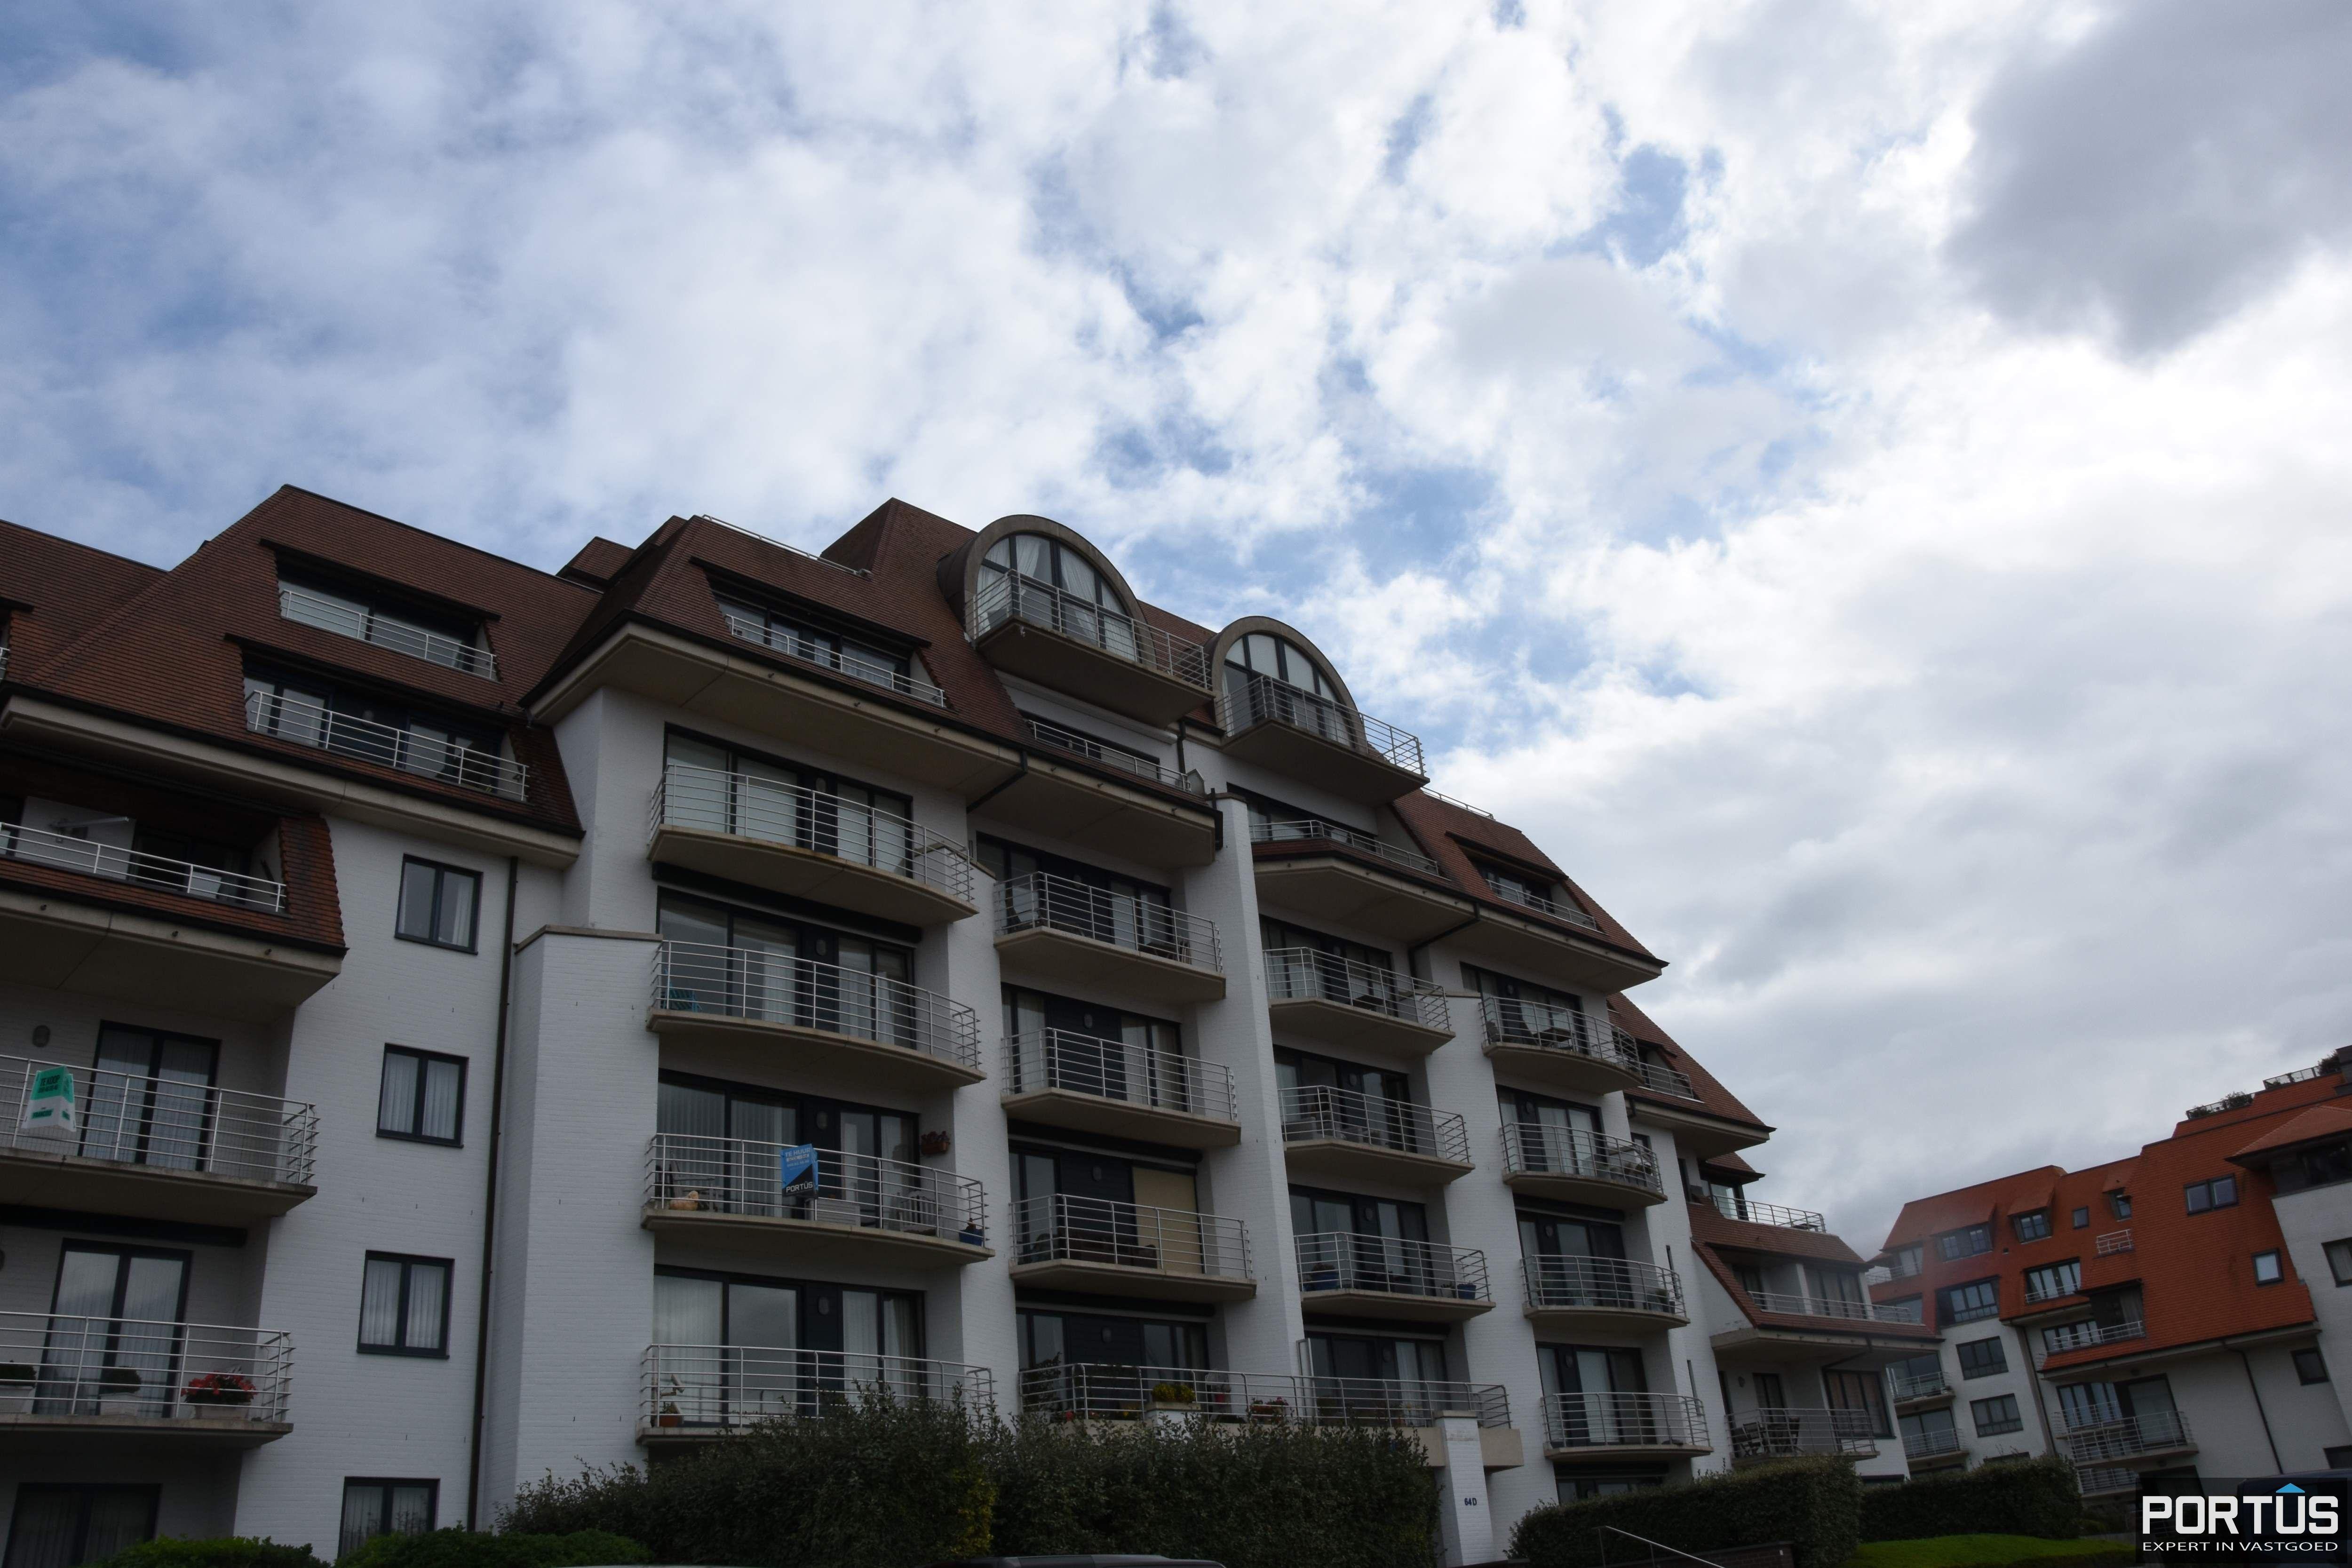 Appartement te huur met 1 slaapkamer te Nieuwpoort - 11655